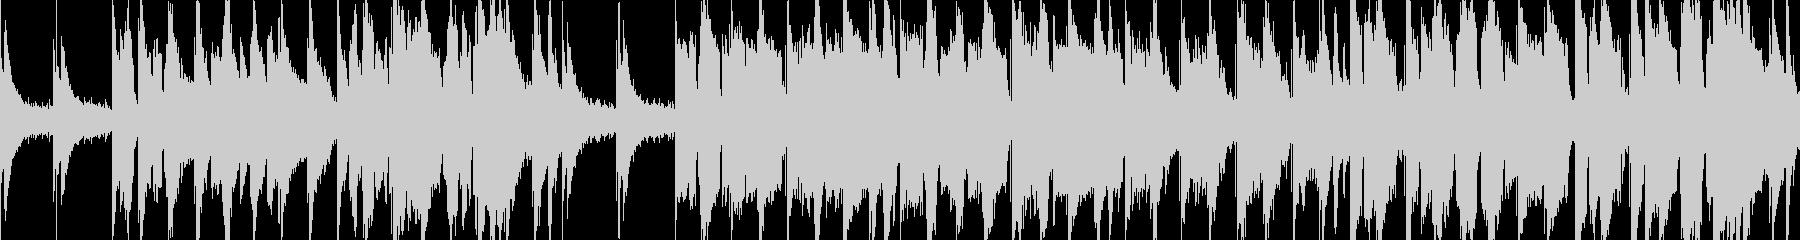 ムーディなBARでの情景(LOOP対応)の未再生の波形